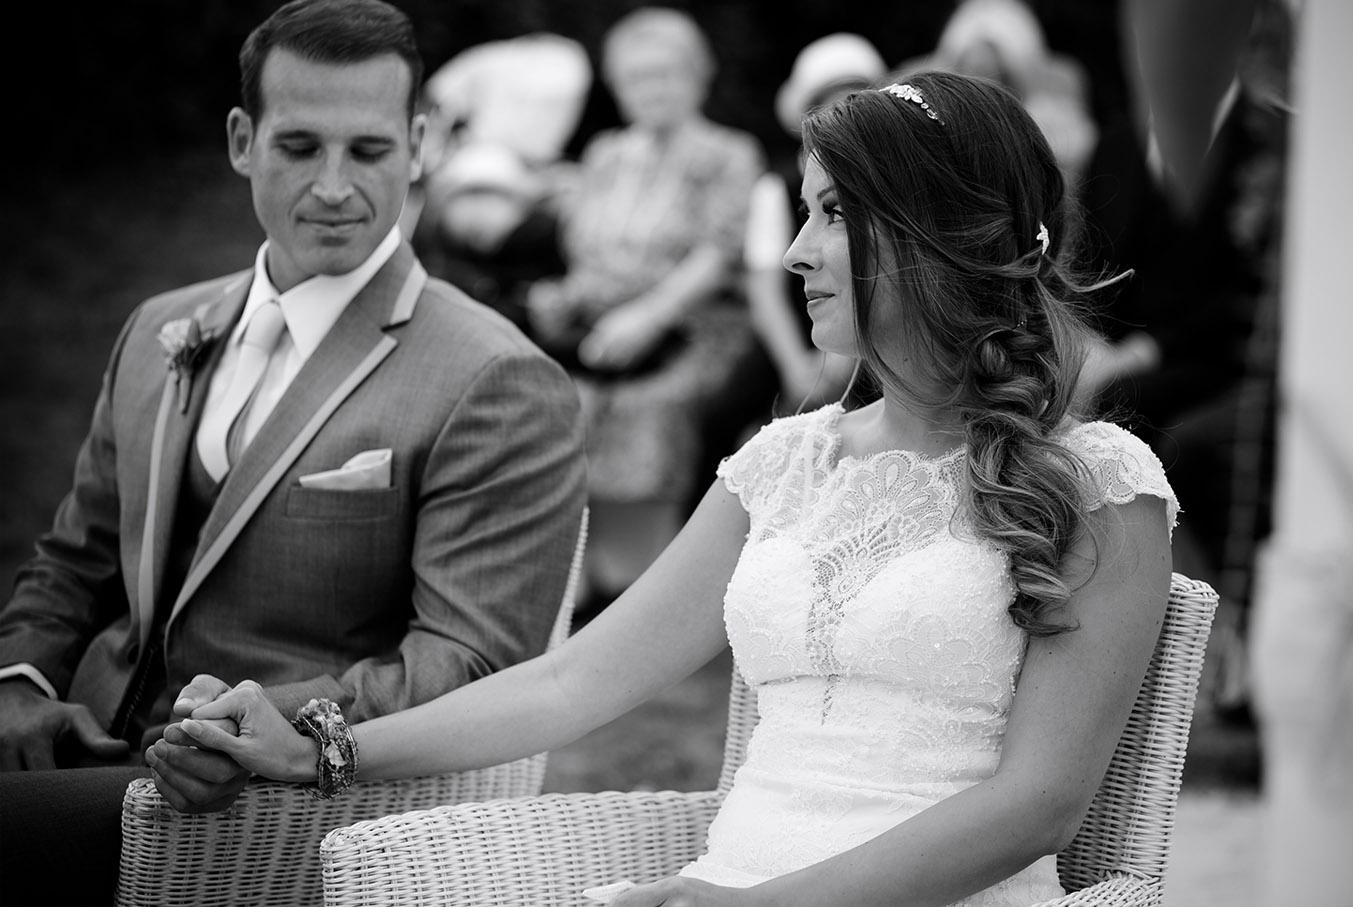 Vienna_Wien_Atzenbrugg_Hochzeit_Paar_Verlobung_Engagement_43